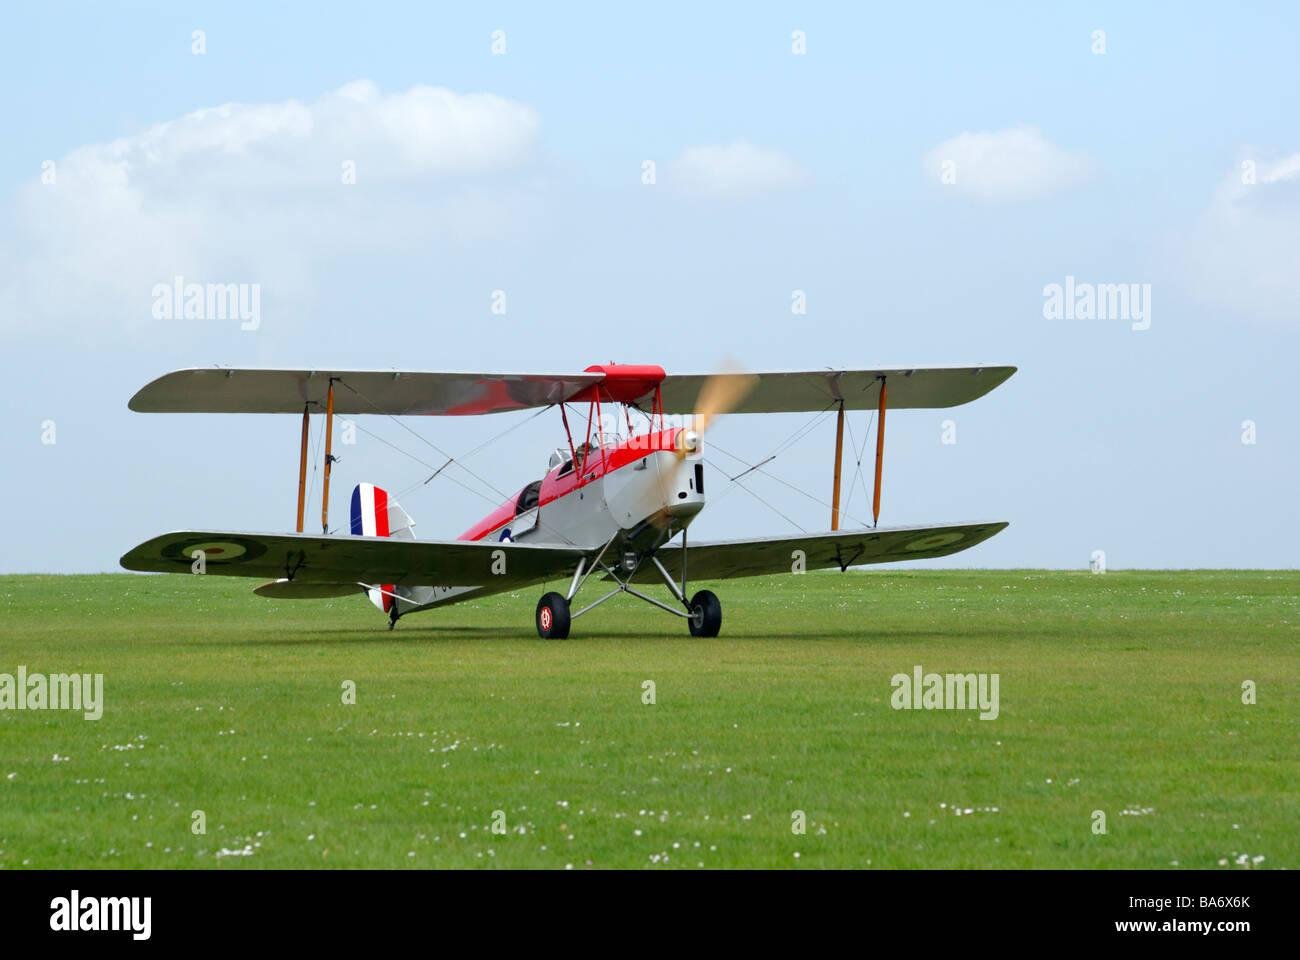 Tiger Moth biplane - Stock Image